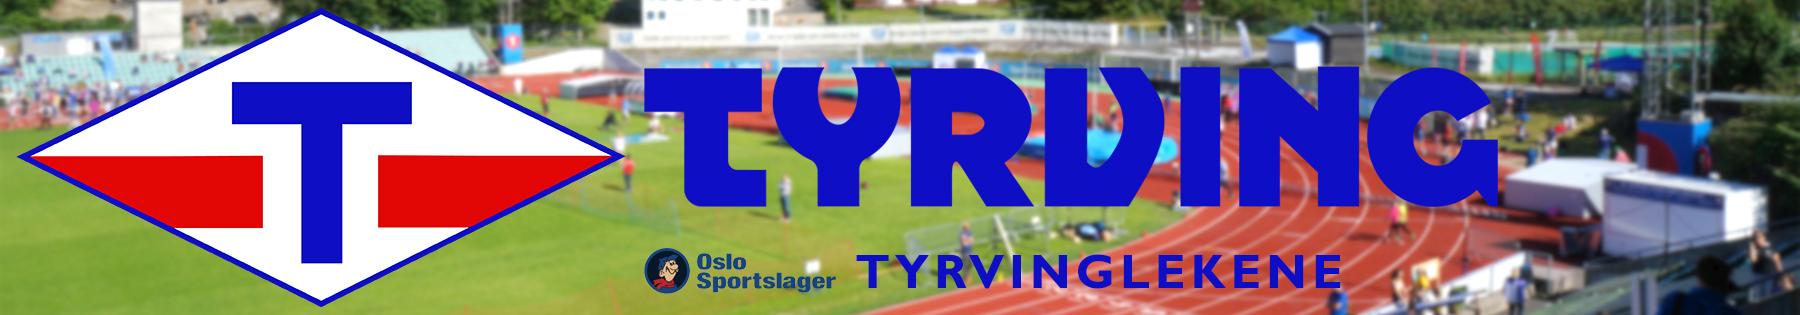 Tyrving – Friidrett – Oslo Sportslager Tyrvinglekene 2019